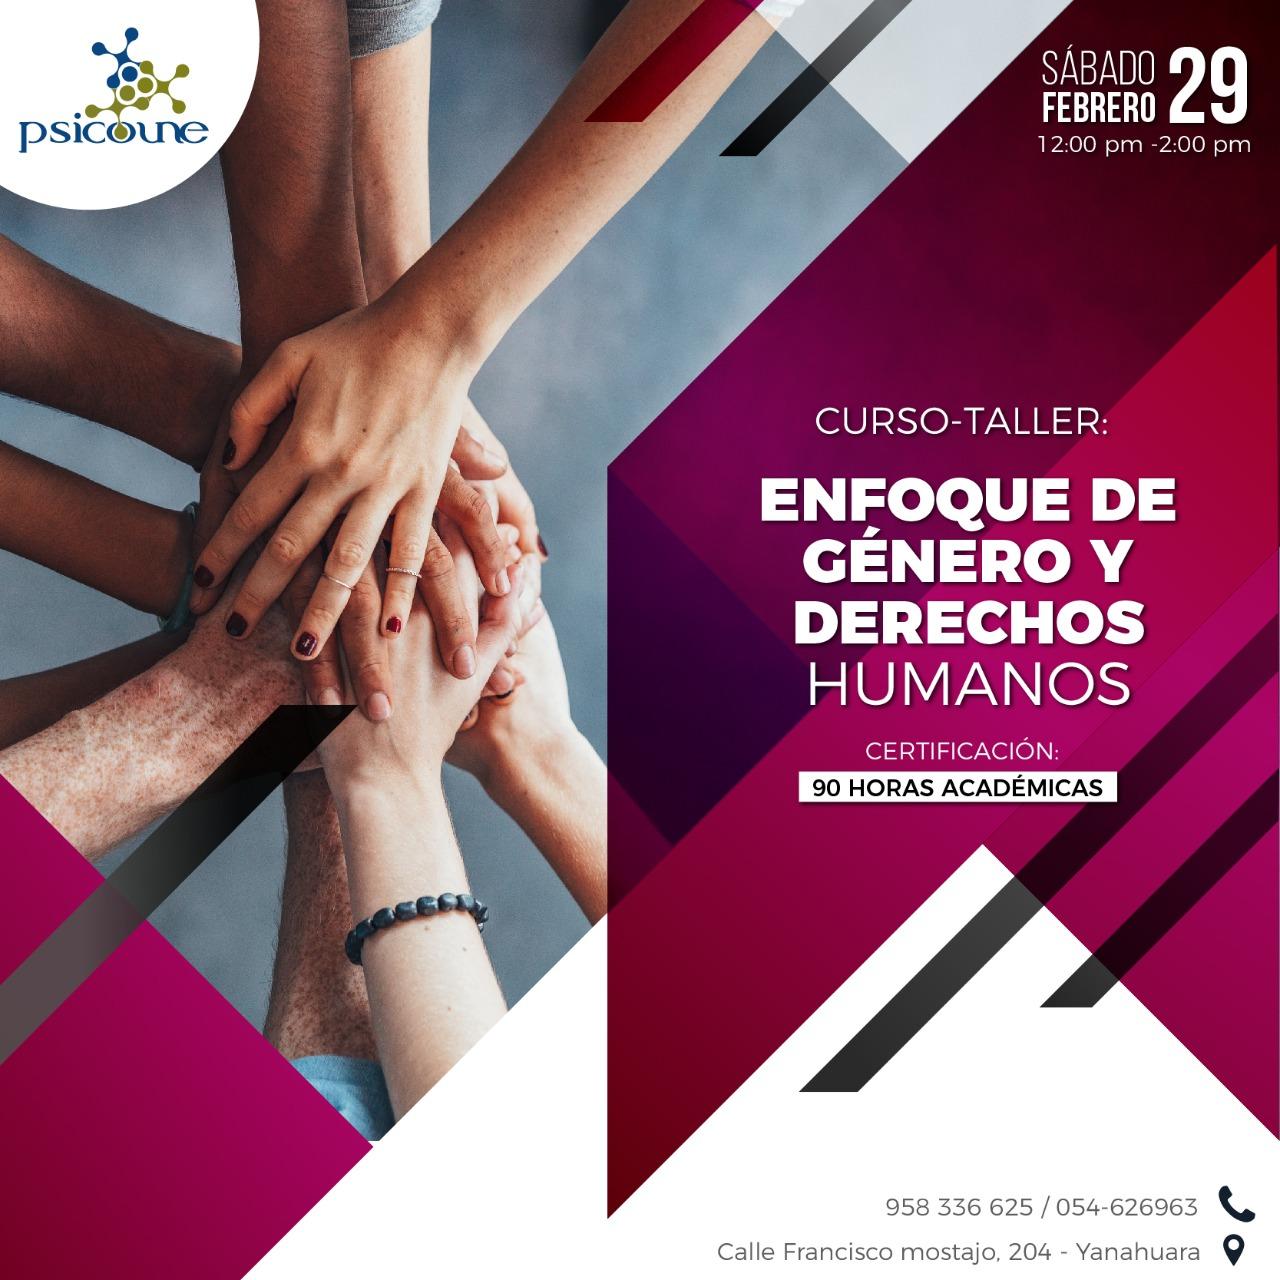 CURSO - TALLER: ENFOQUE DE GÉNERO Y DERECHOS HUMANOS